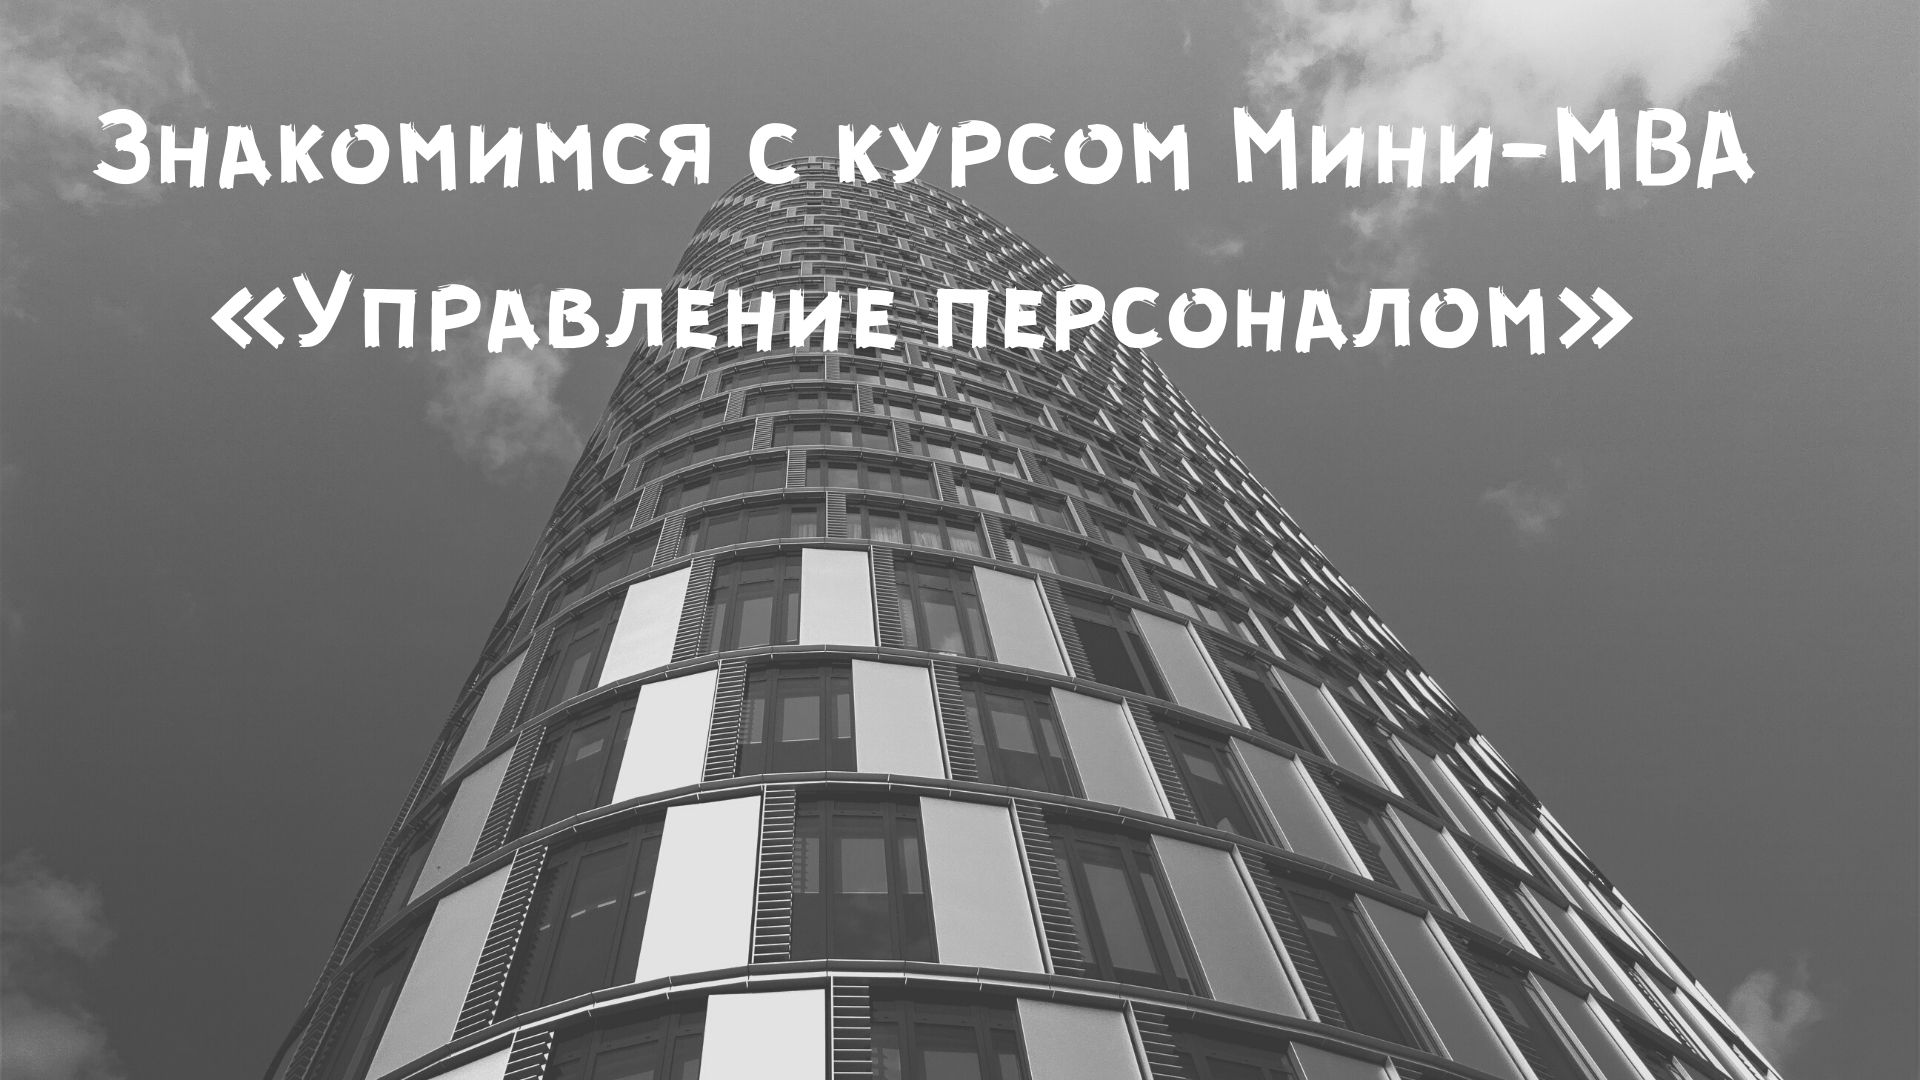 Знакомимся с курсом Мини-МВА «Управление персоналом»